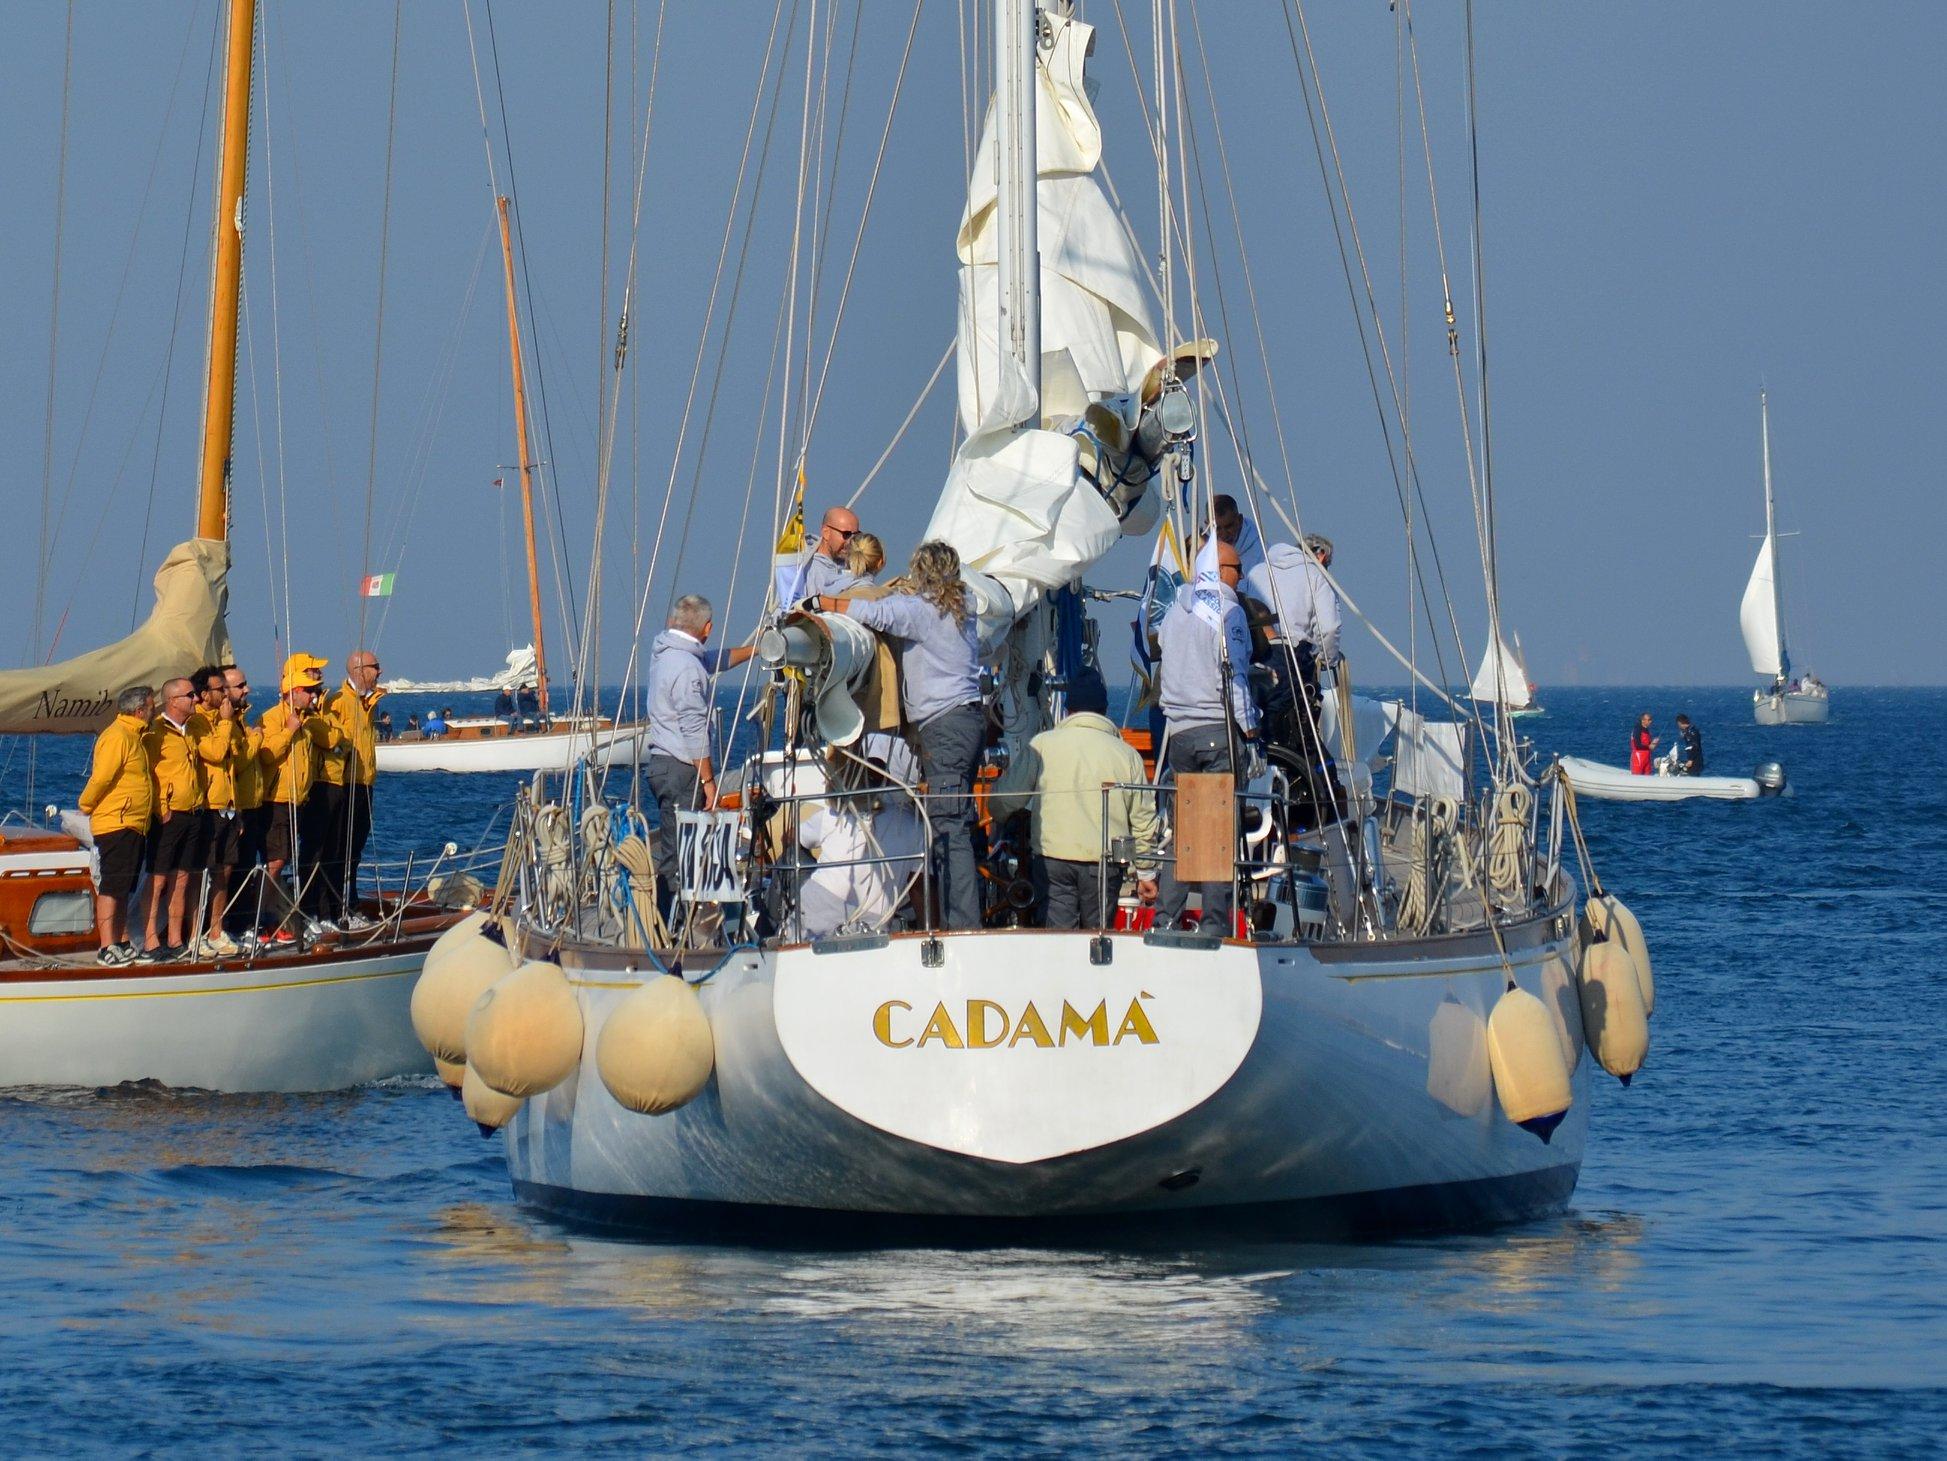 La poppa di Cadamà alla partenza dal molo, Barcolana 50